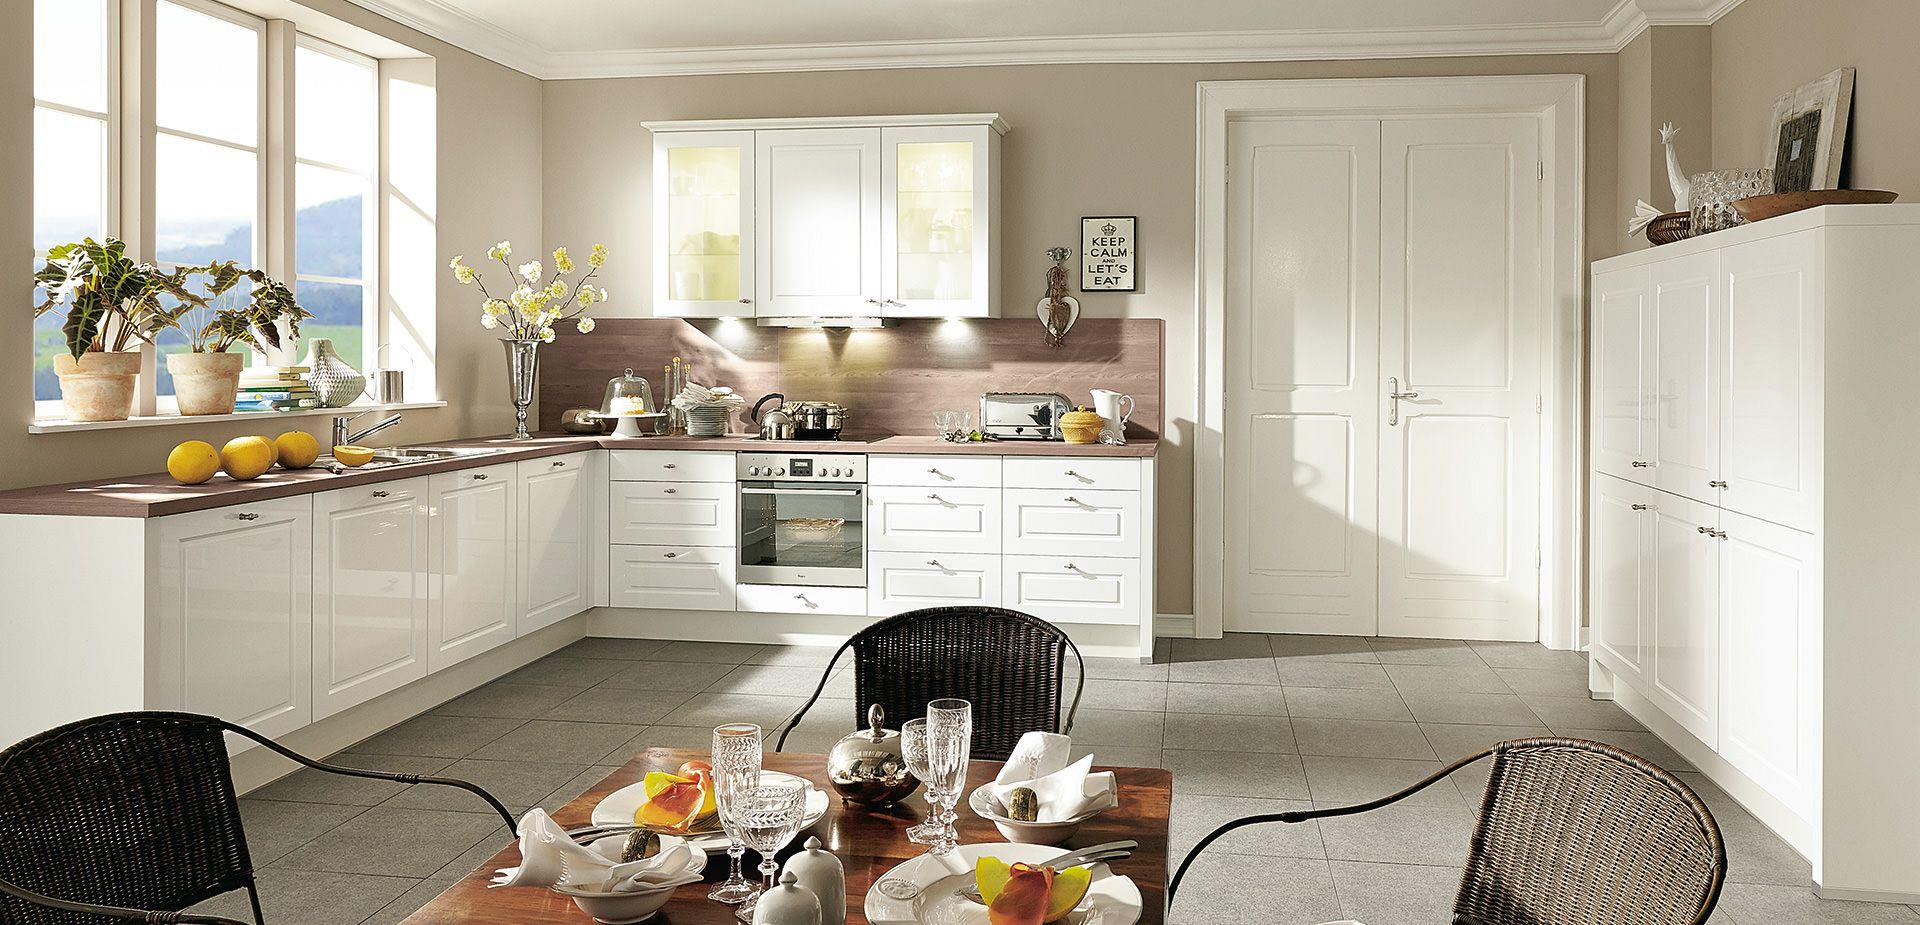 Ihre Perfekte Kuche Landhaus In L Form Kuche L Form Kuche Kuchengalerie